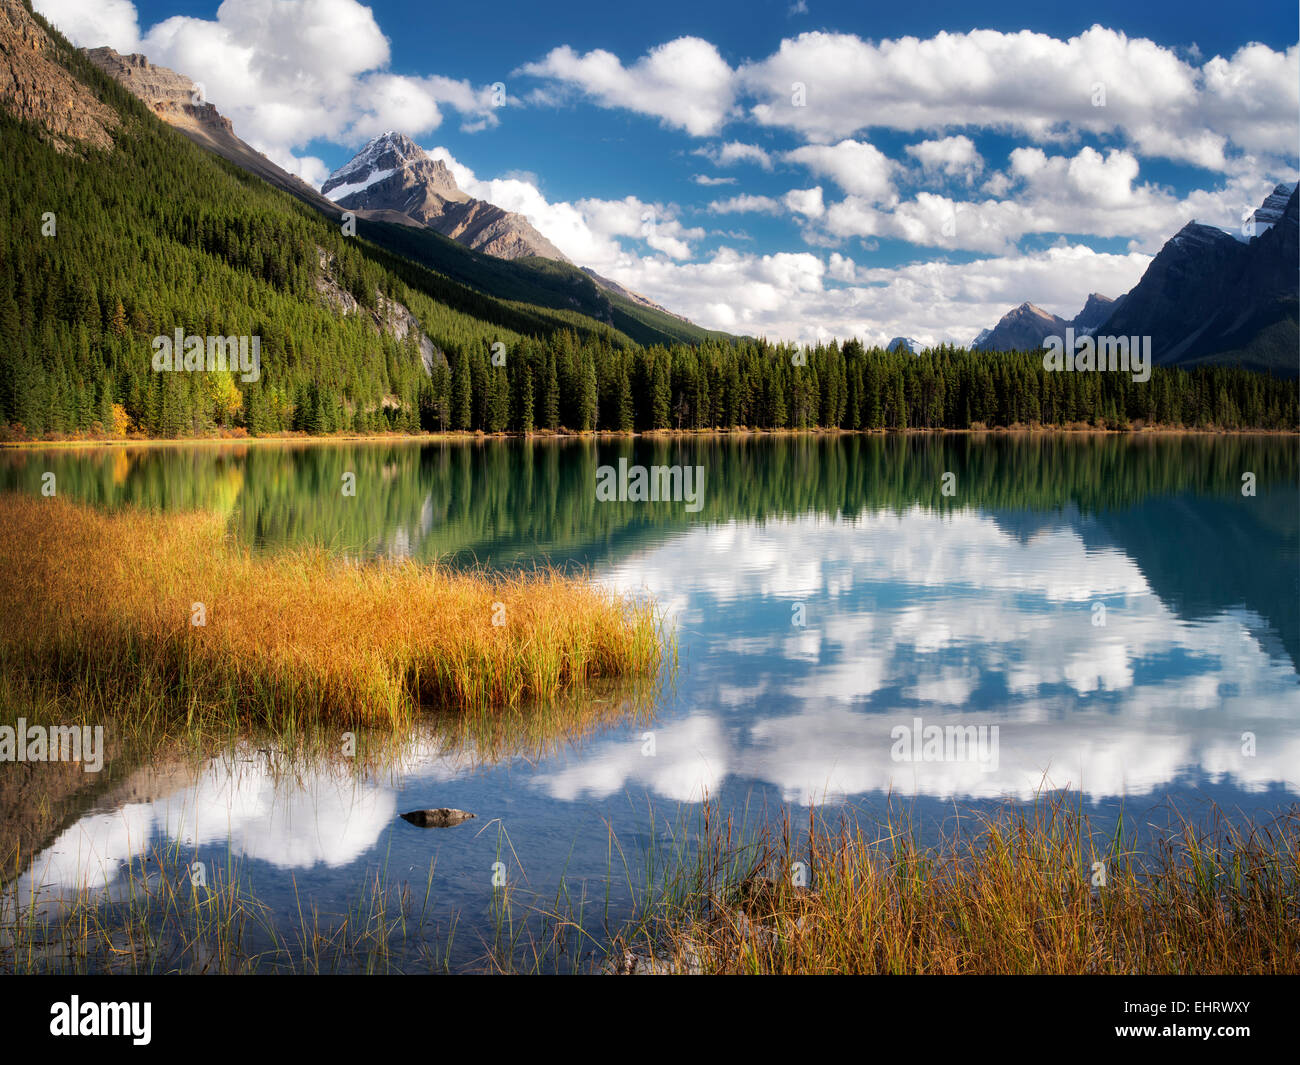 Wolken und Reflexion im Wasservögel Seen. Banff Nationalpark. Alberta. Kanada. Stockbild